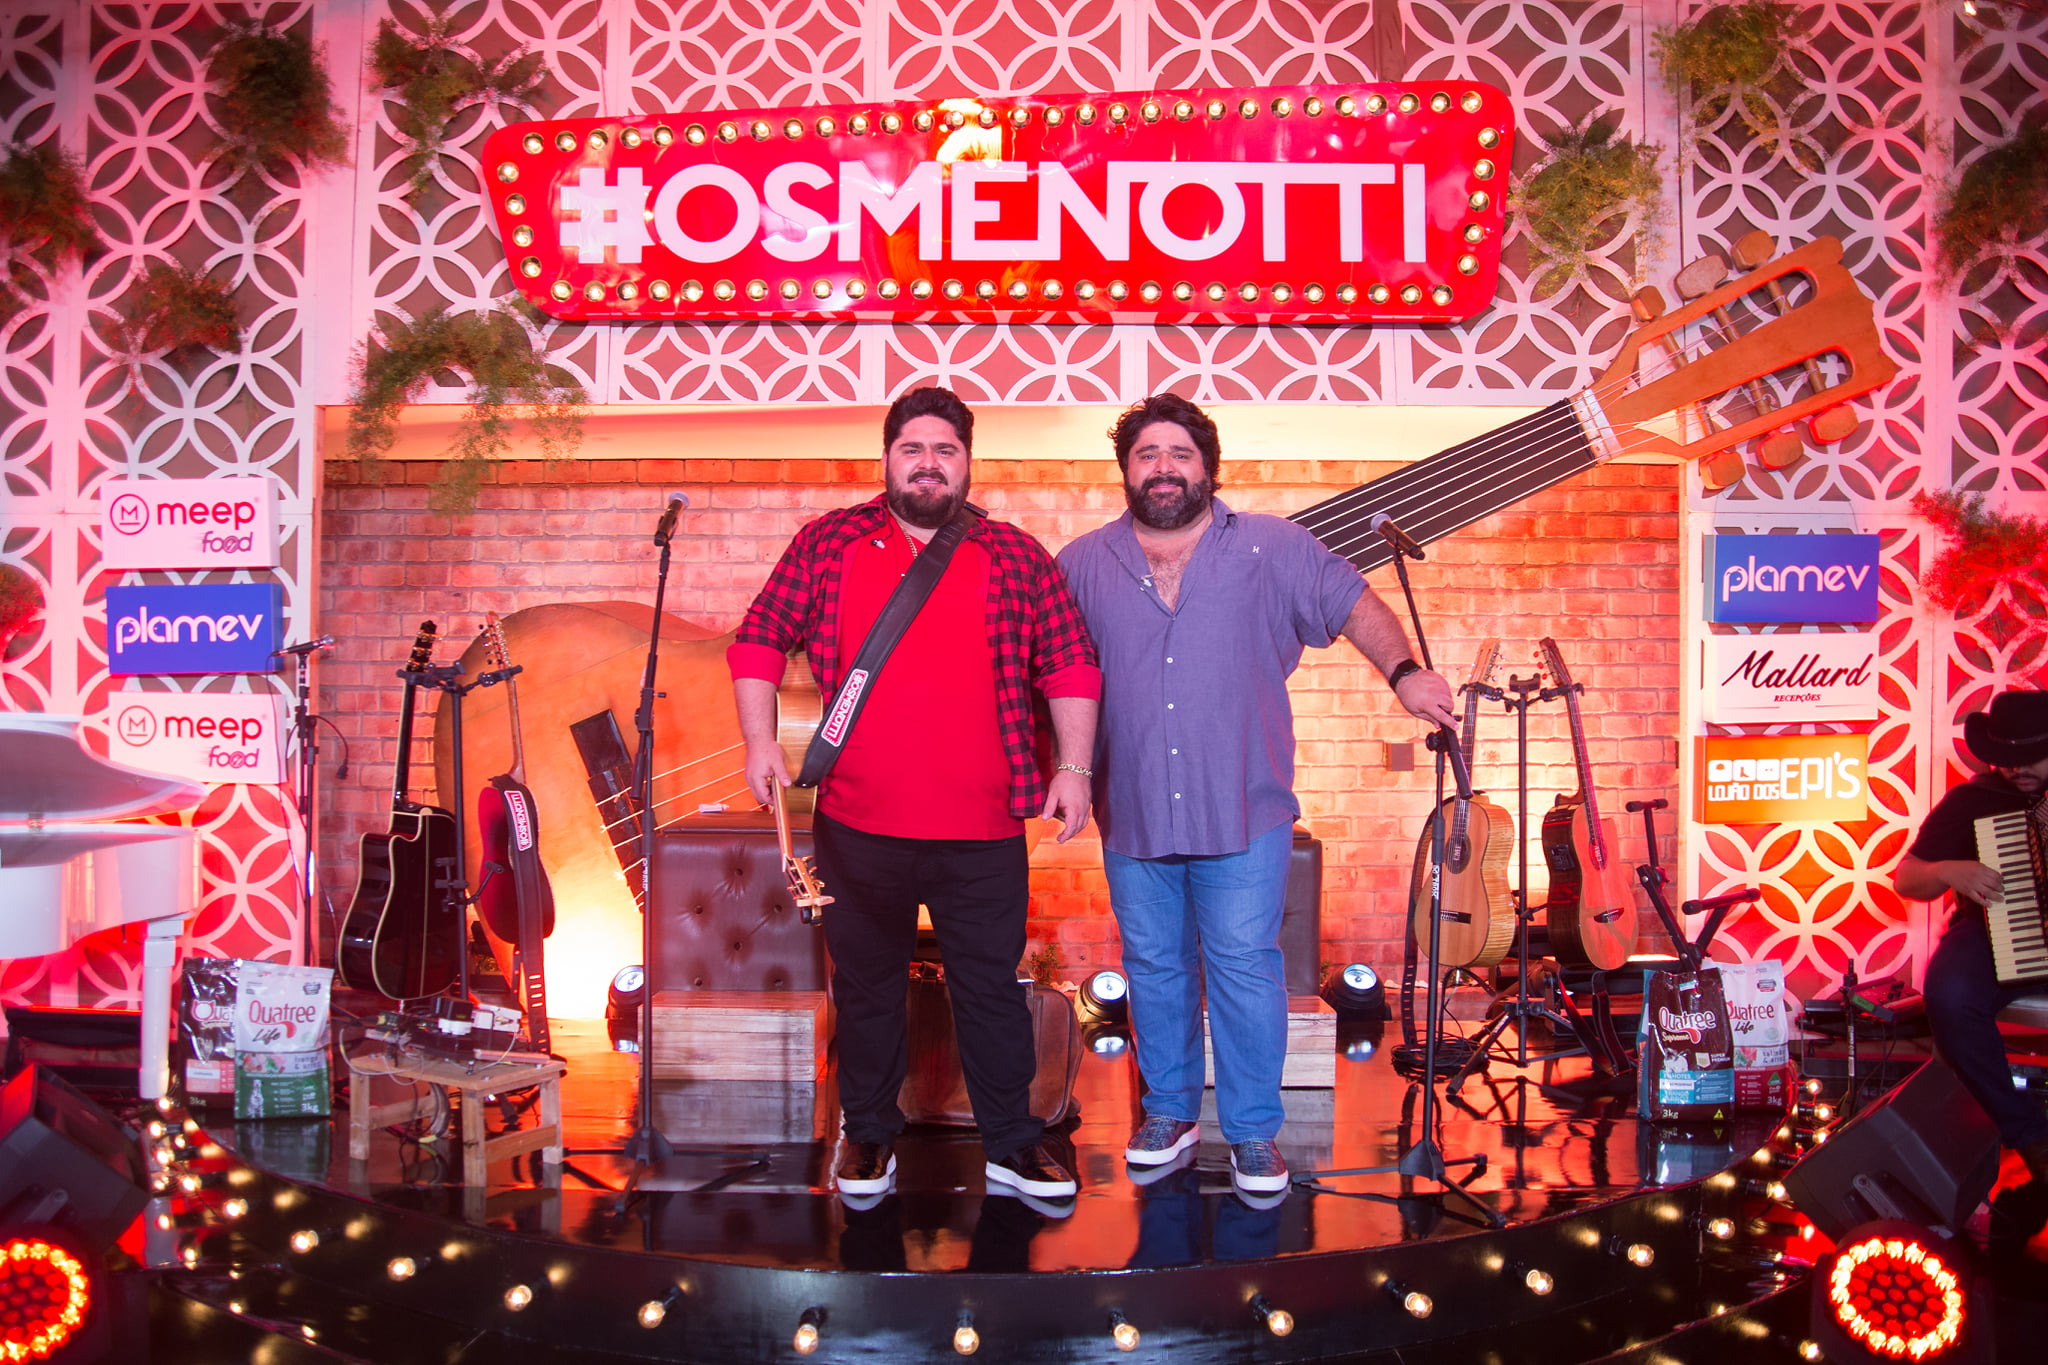 César Menotti e Fabiano cantam em homenagem aos 373 anos de Paranaguá